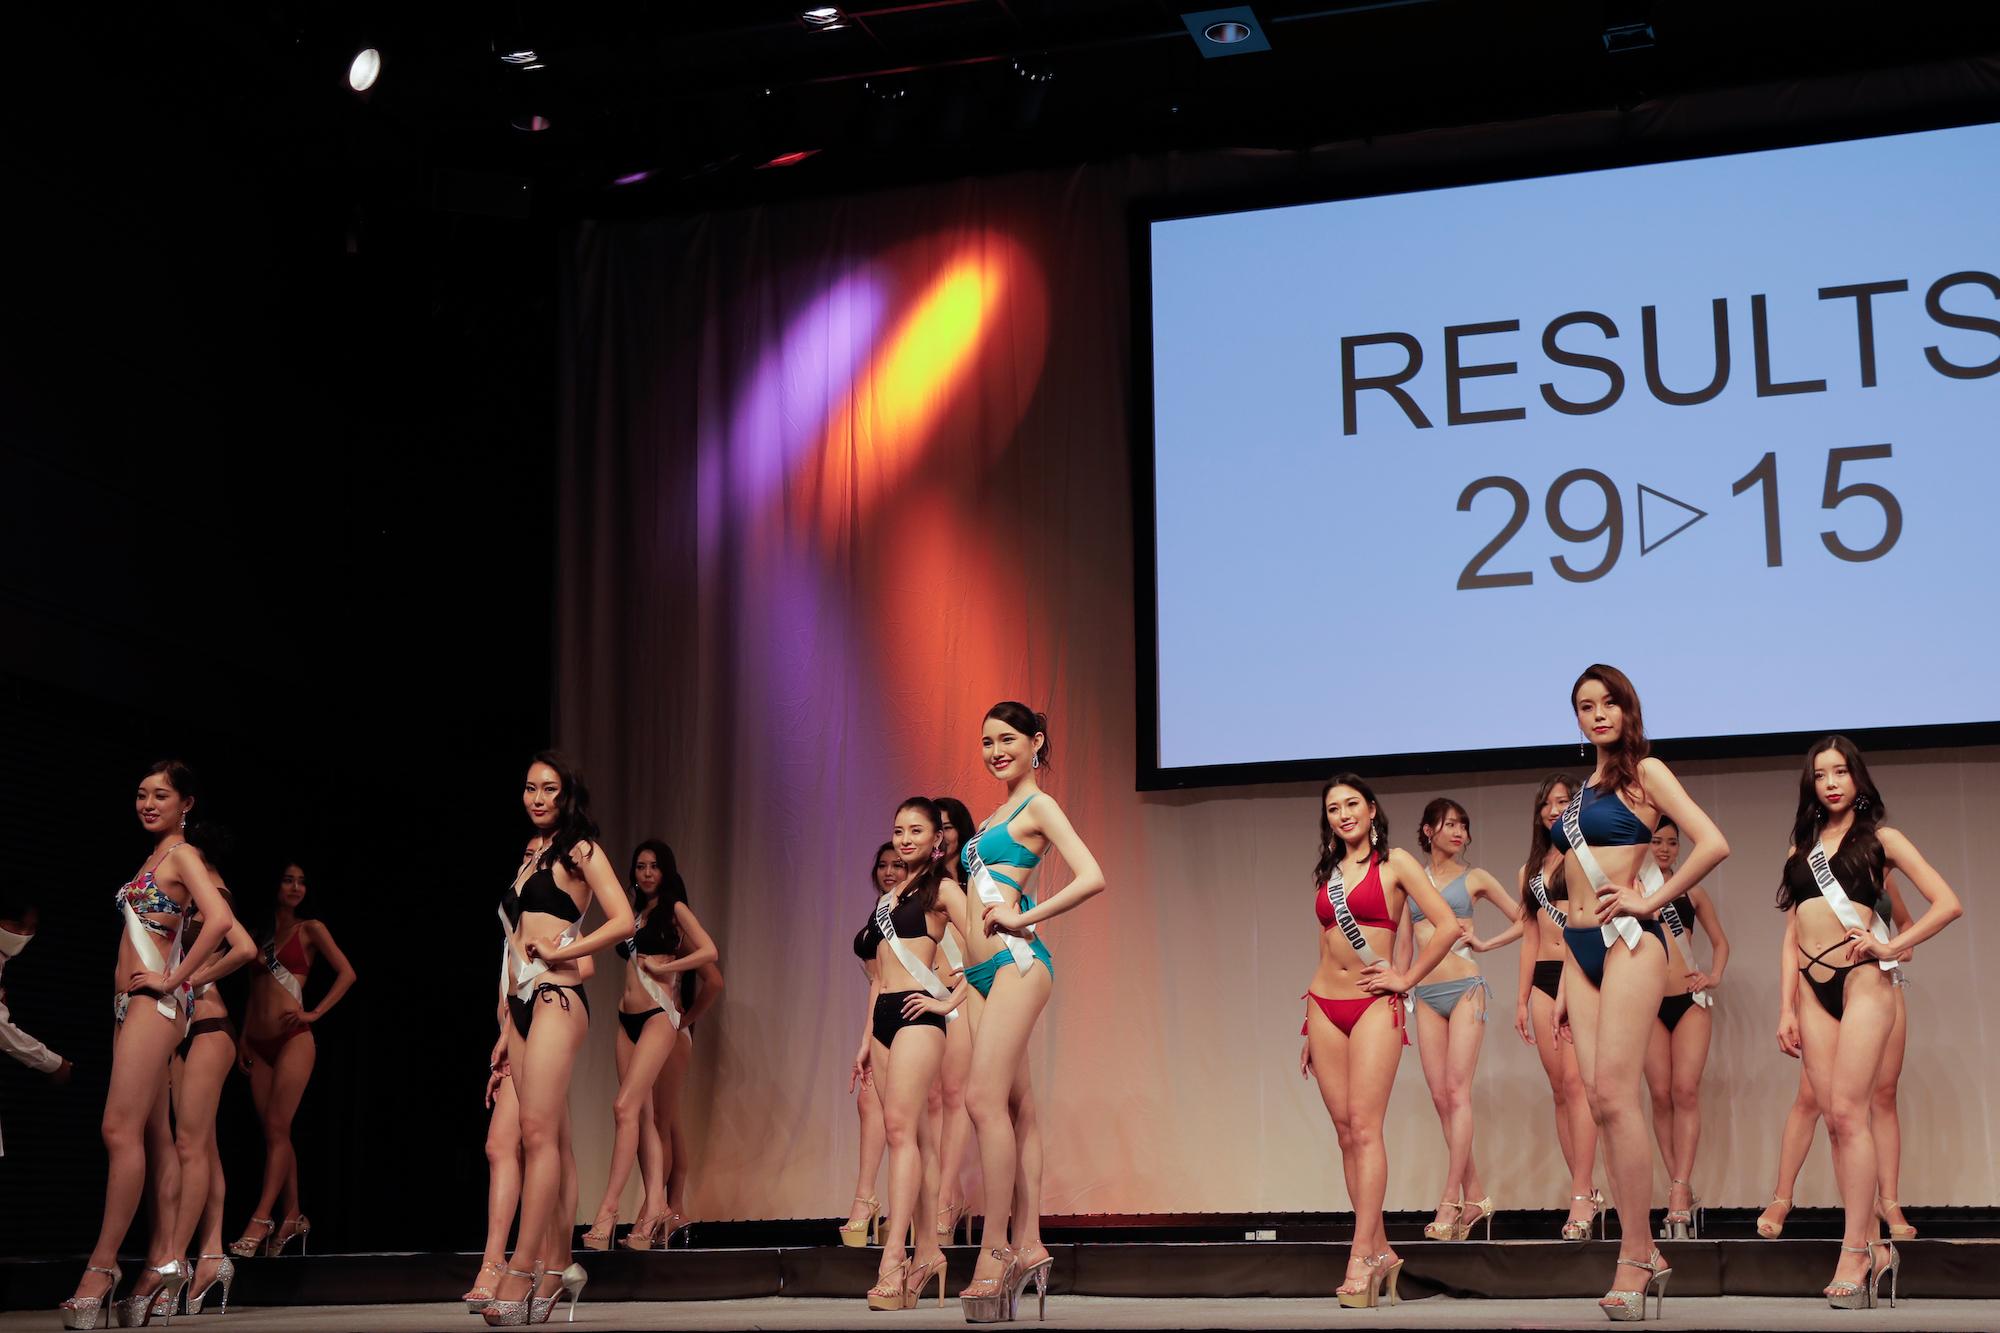 『2020ミス・アース・ジャパン』ファイナリスト15名水着ランウェイ